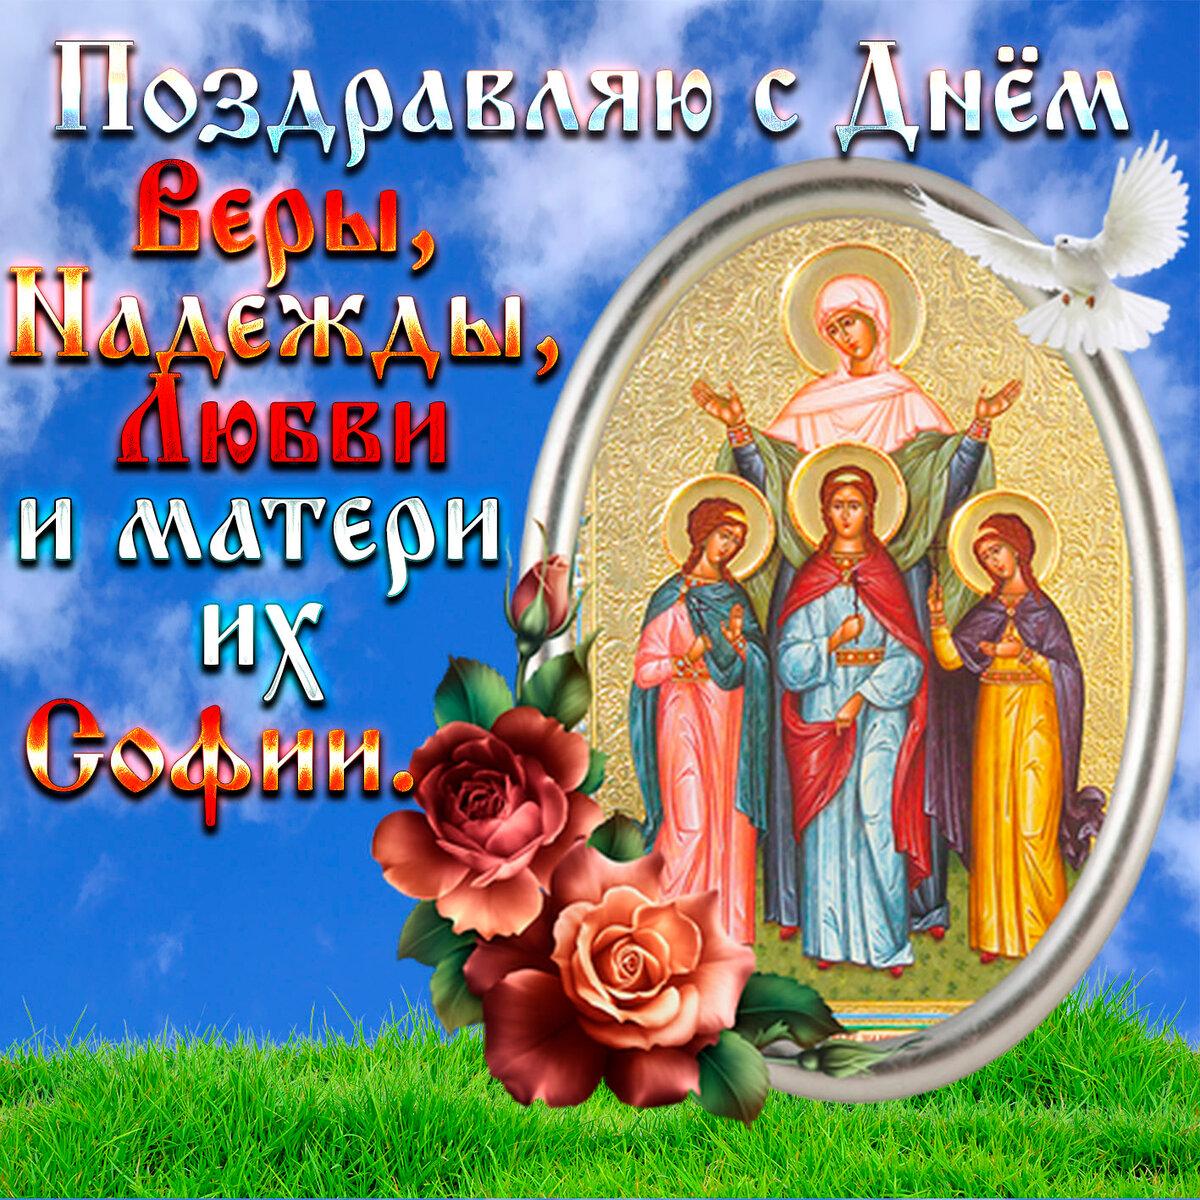 Открытки с праздником надежды веры и любови и матери